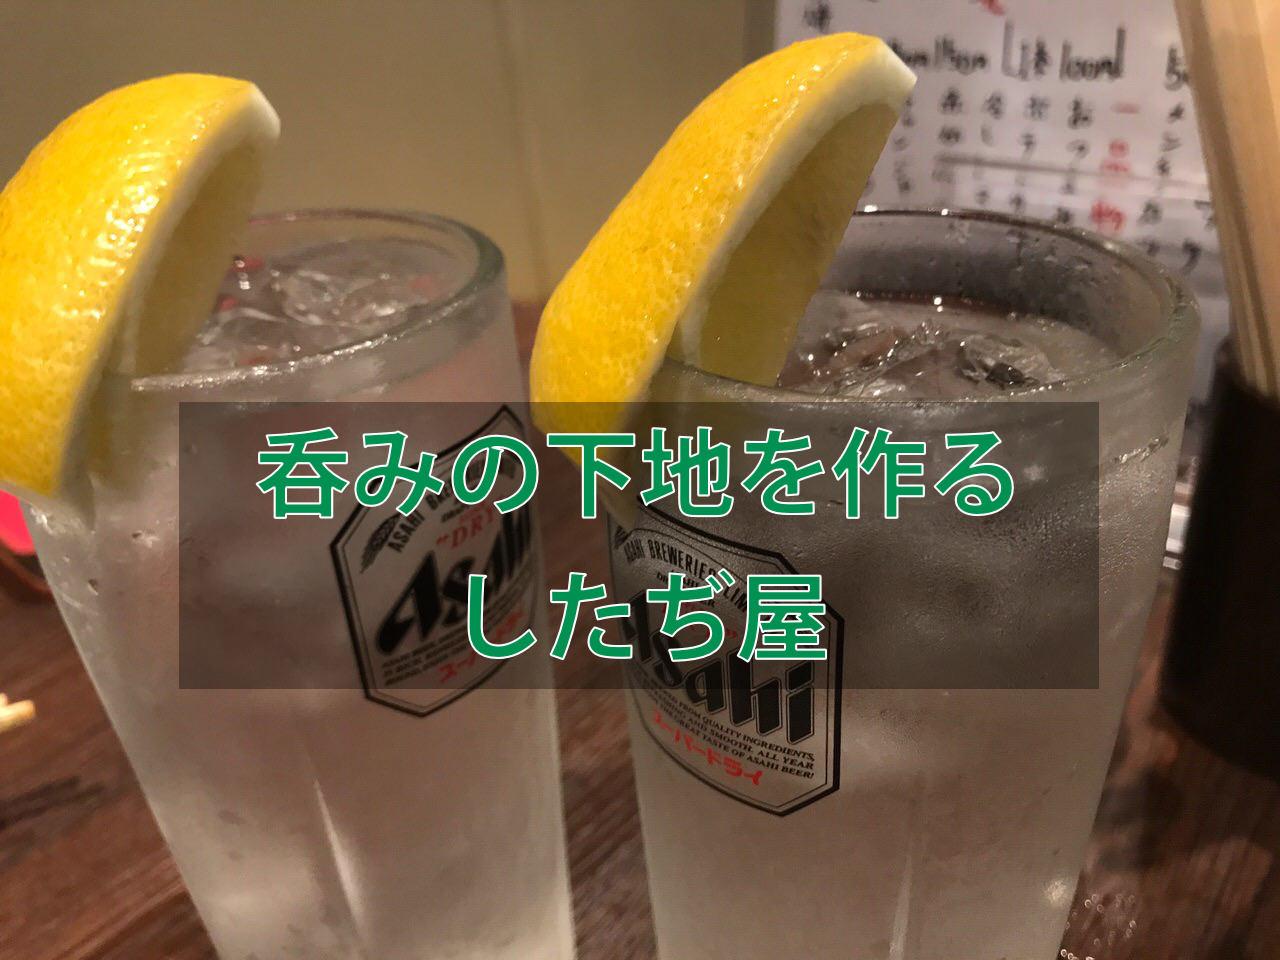 Shitajiya 0766 1